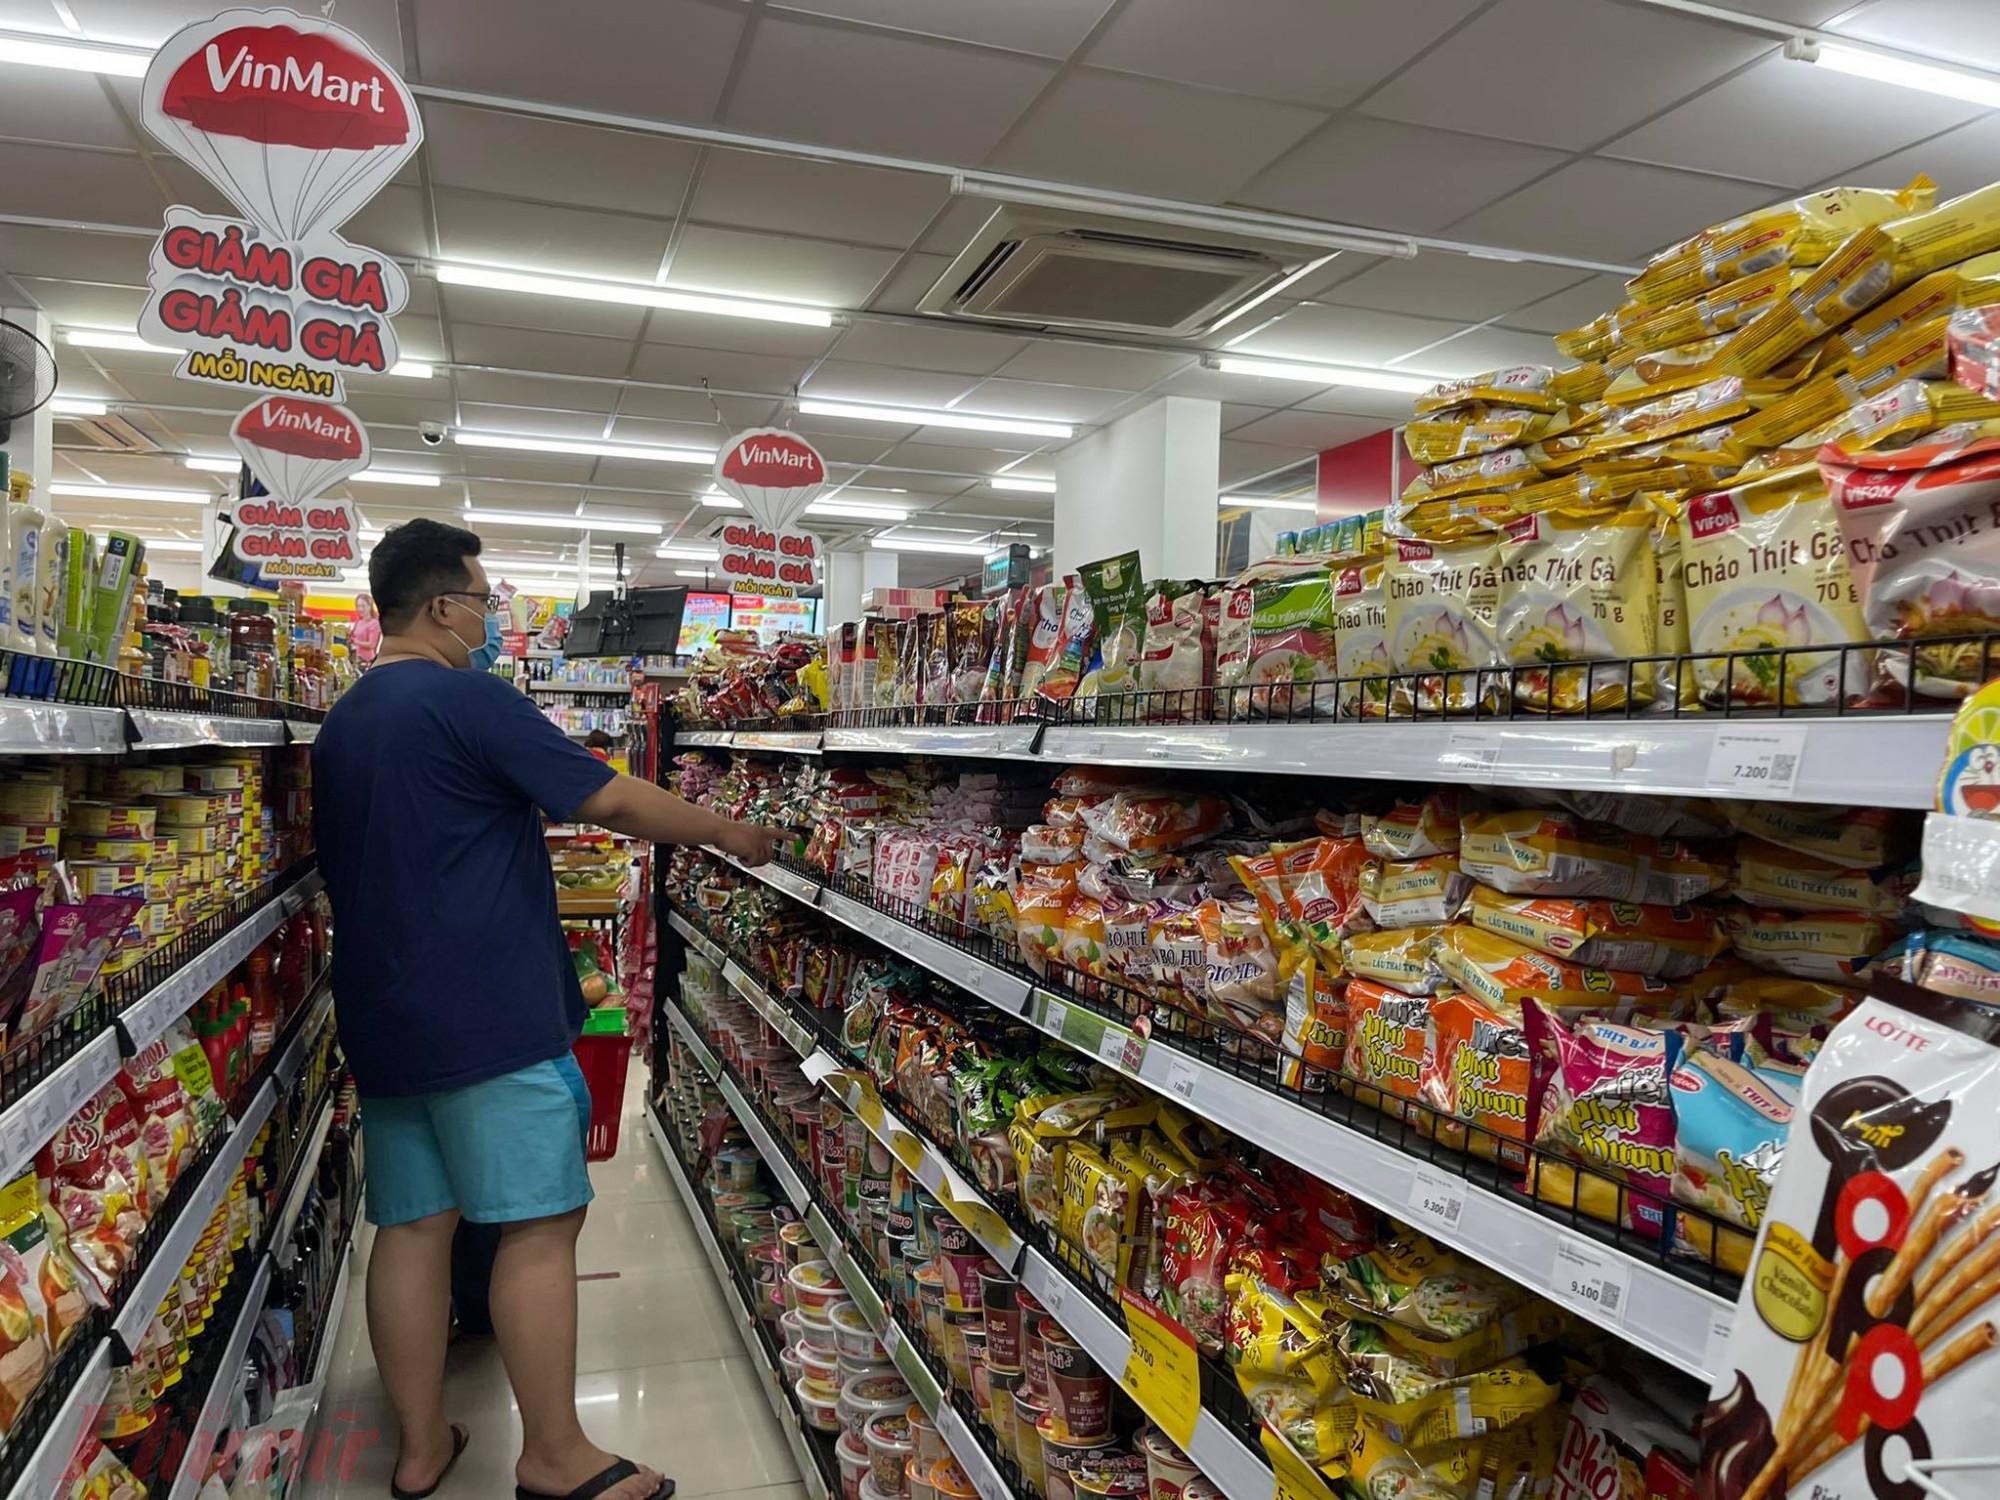 Tại Vinmart đường Phạm Huy Thông (Q.Gò Vấp, TPHCM) cũng vắng hoe khách. Khách cũng chọn các sản phẩm là mì gói, đồ khô.